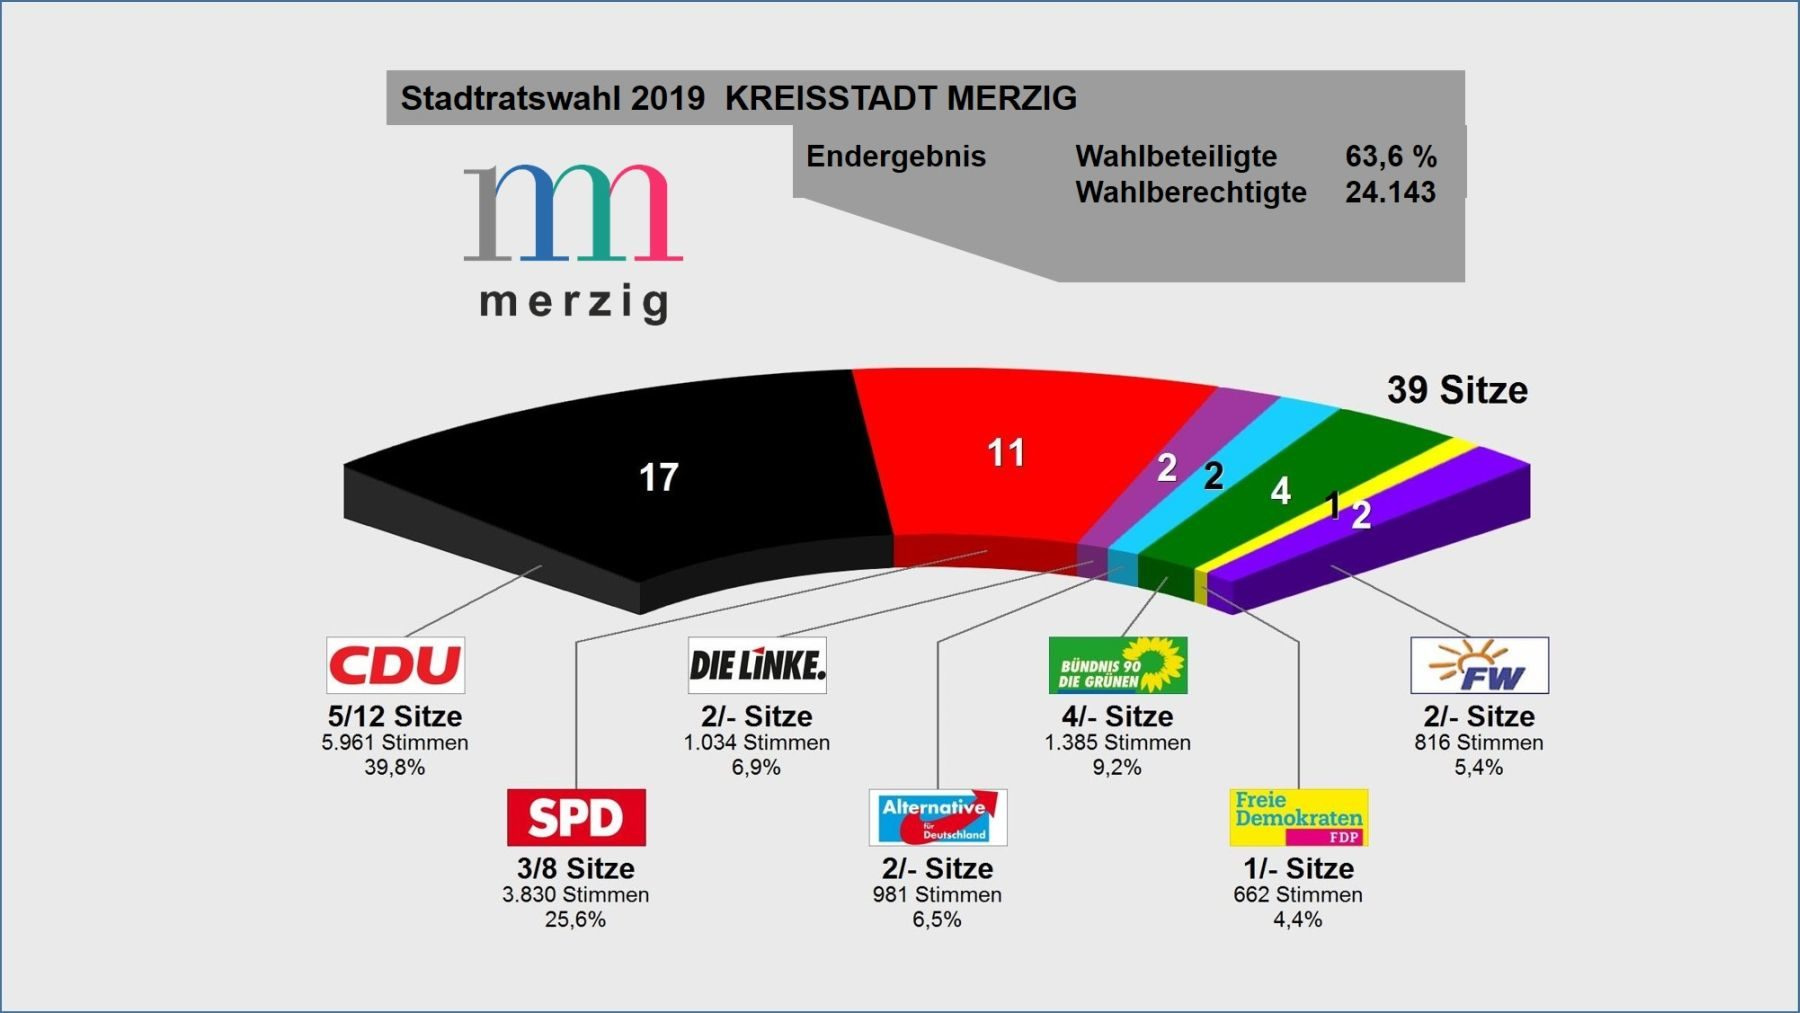 Die Grafik zeigt die Zusammensetzung des Stadtrates der Kreisstadt Merzig nach Parteifraktionen nach der Stadtratswahl 2019. Im Endergebnis gab es eine Wahlbeteiligung von 63,6%. Insgesamt gab es 24.143 Wahlberechtigte. Insgesamt sind im Stadtrat 39 Sitze. Die CDU erhielt mit 5961 Stimmen 39,8% und nimmt dadurch 17 Sitze ein. Die SPD erhielt 3830 Stimmen und somit 35,6% und nimmt somit 11 Sitze ein. Die Linke erhielt 1034 Stimmen und damit 6,9% und nimmt damit 2 Sitze ein, die beide v Die AfD erhielt 981 Stimmen und damit 6,5% und nimmt daher zwei Sitze ein. Bündnis 90/Die Grünen erhielten 1385 Stimmen und somit 9,2 % und nehmen daher vier Sitze ein. Die FDP erhielt 662 Stimmen und damit 4,4% und nimmt daher einen Sitz ein. Die Freien Wähler erhielten 816 Stimmen und damit 5,4% und nehmen zwei Sitze ein.